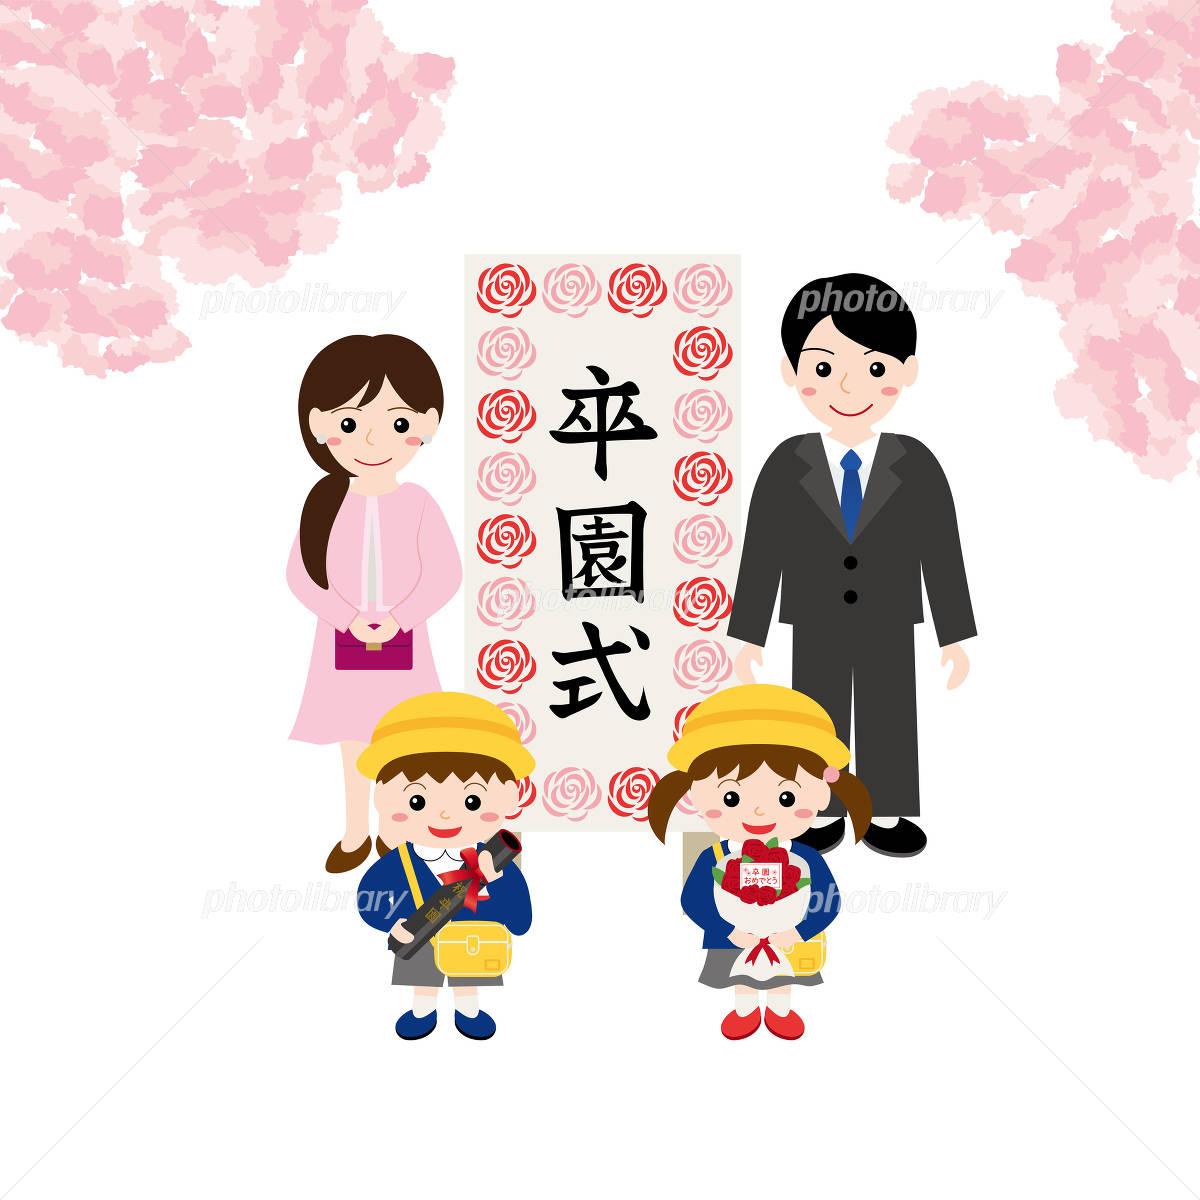 幼稚園の卒園式 親子 イラスト素材 4880936 フォトライブラリー